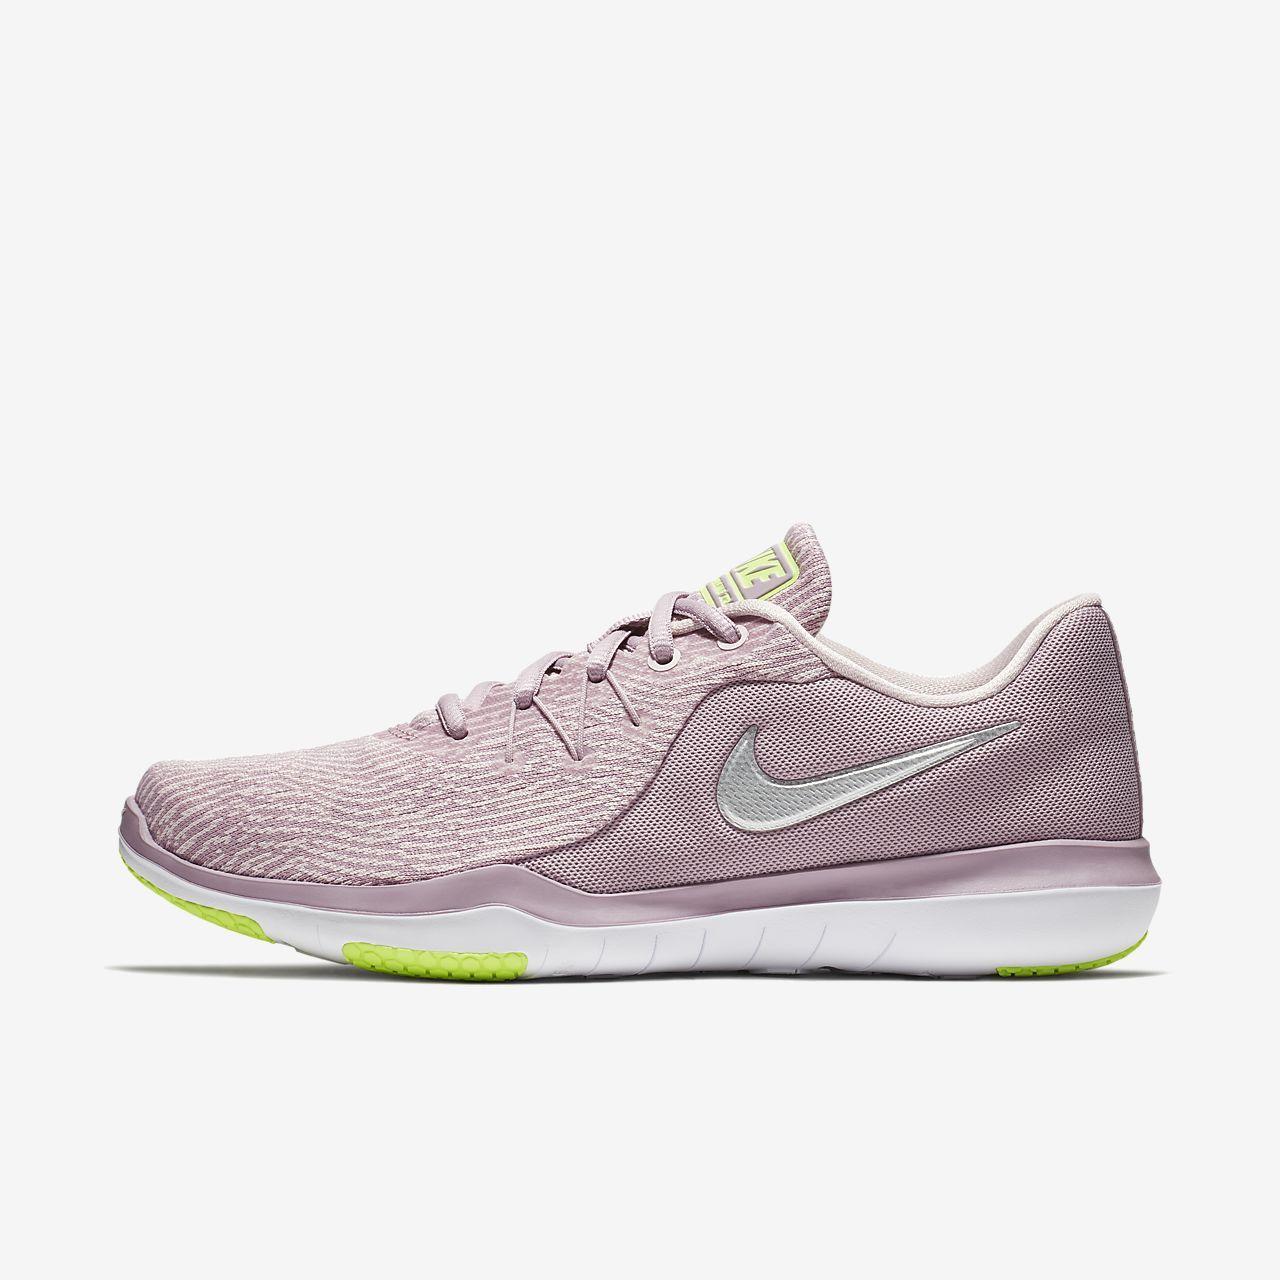 Womens training shoes, Nike, Nike flex